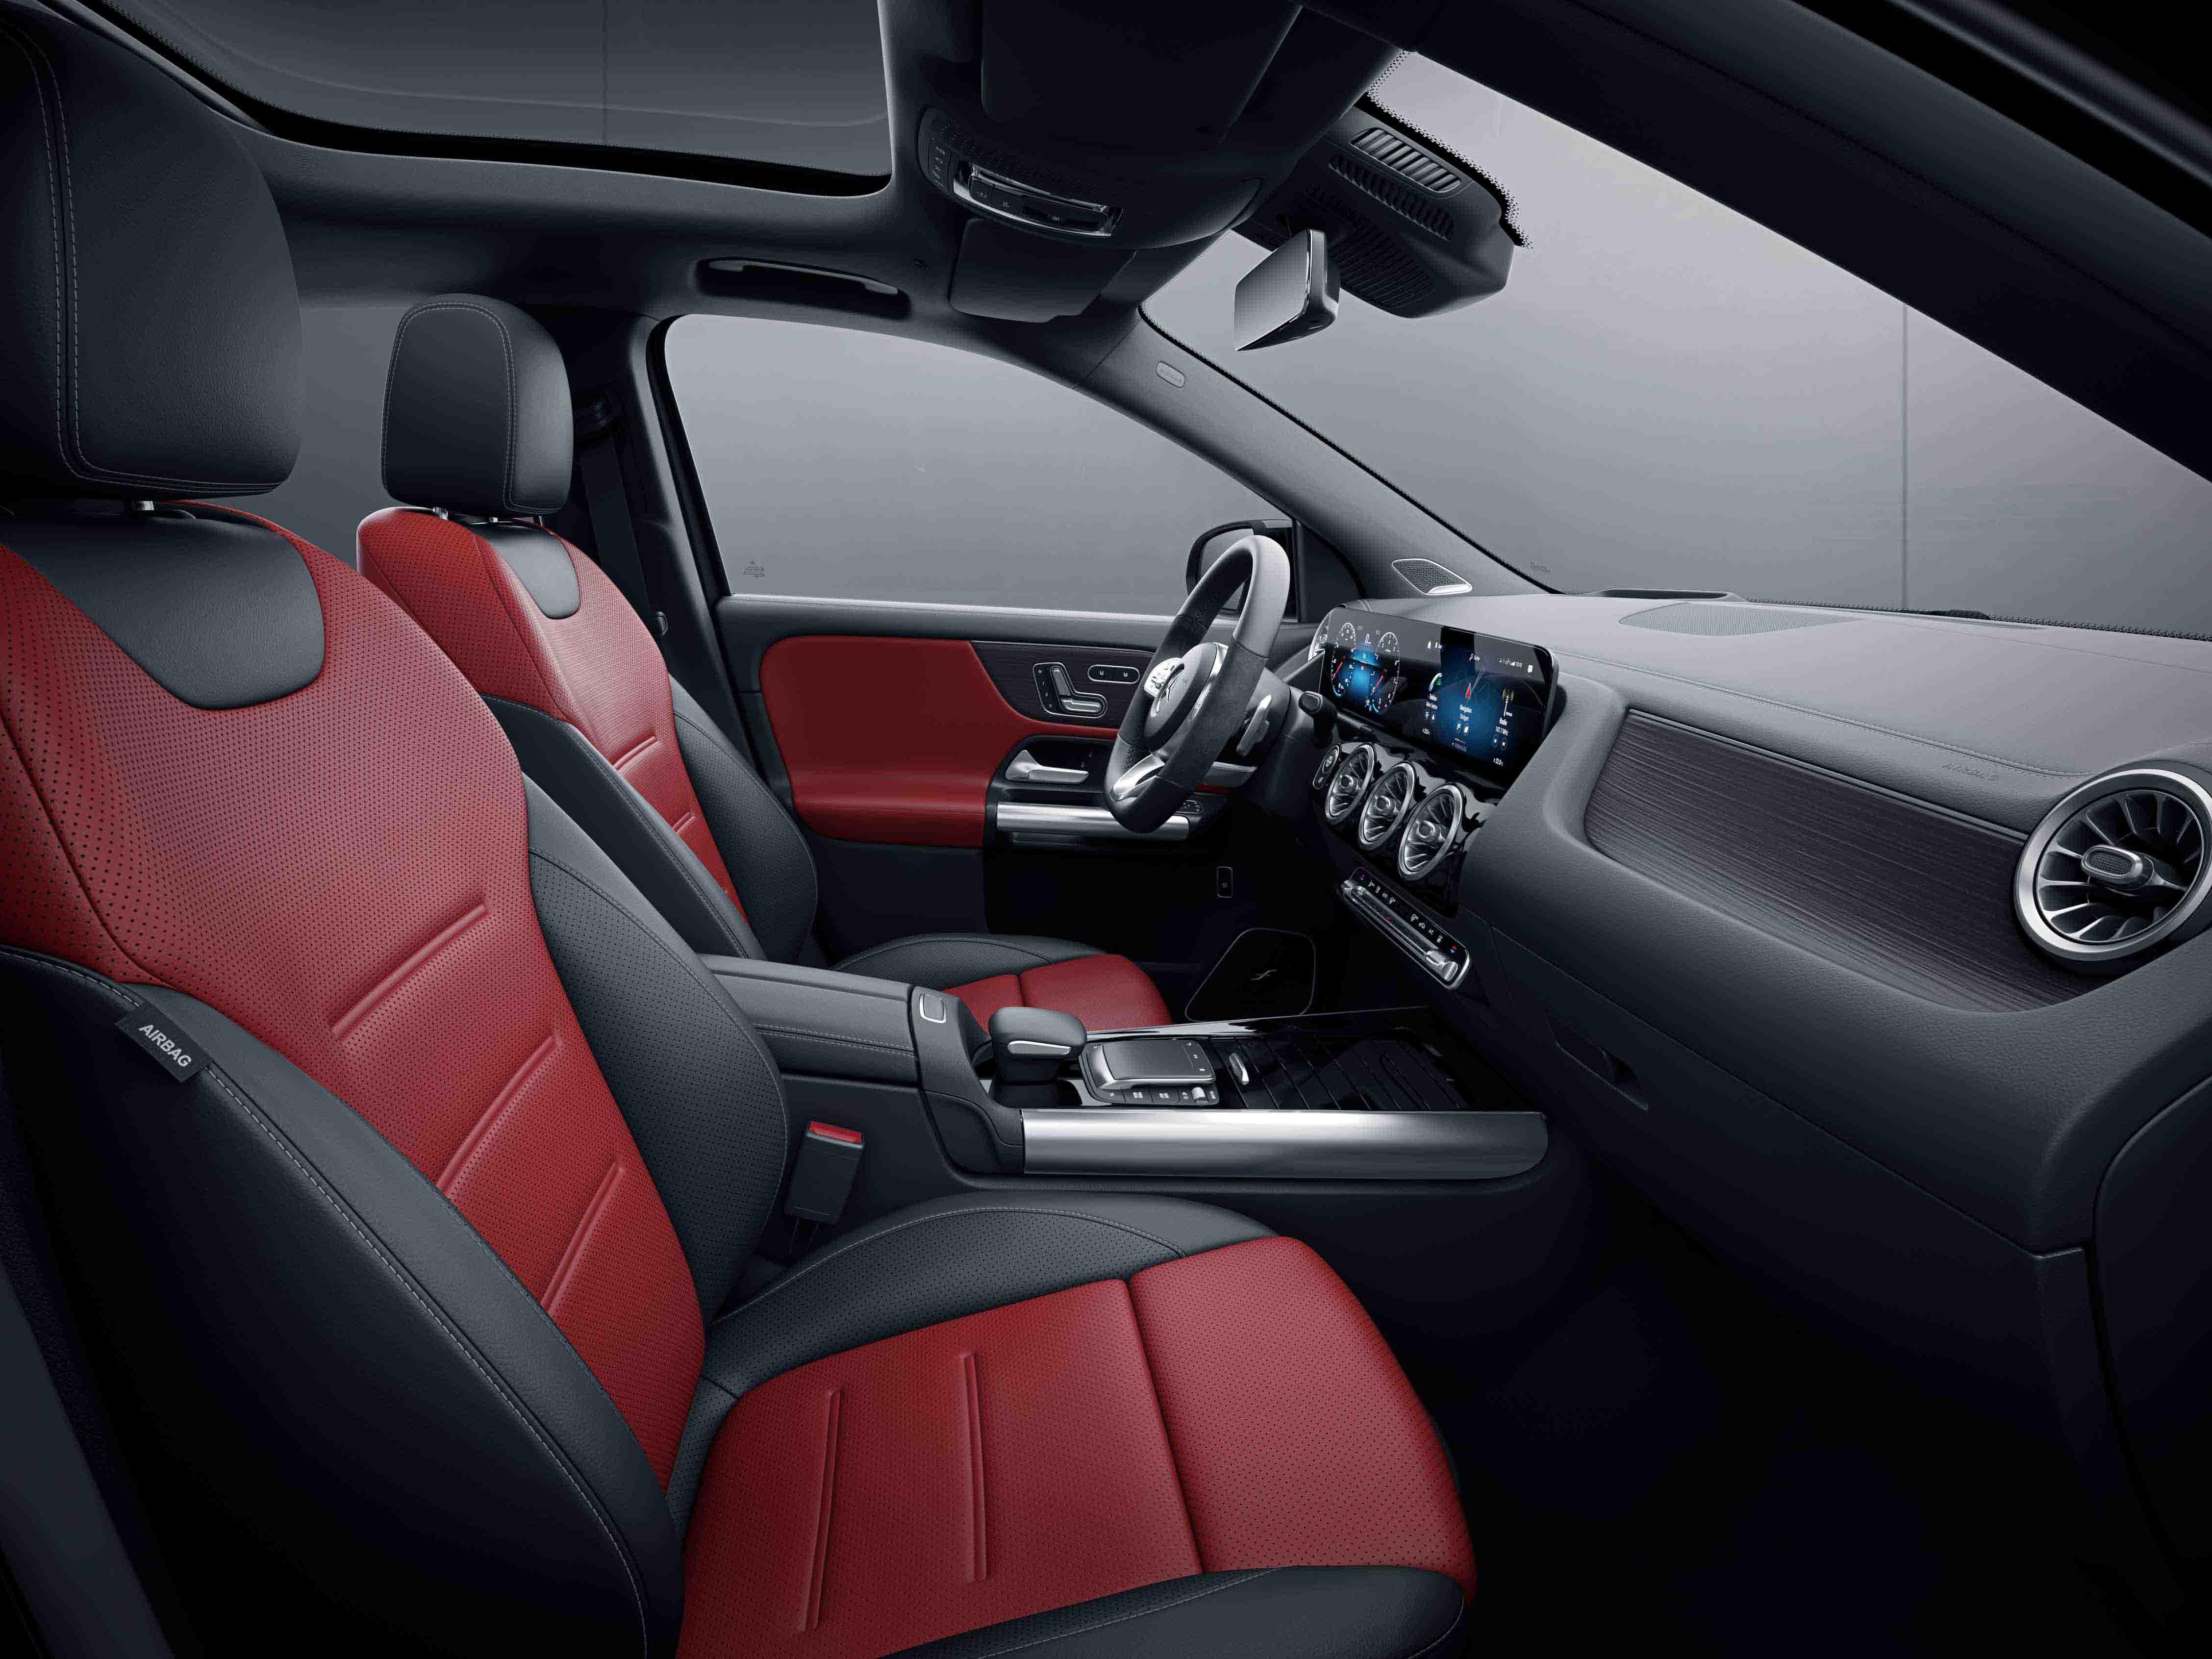 Habitacle de la Mercedes Classe GLA avec une Sellerie cuir bicolore - rouge noir